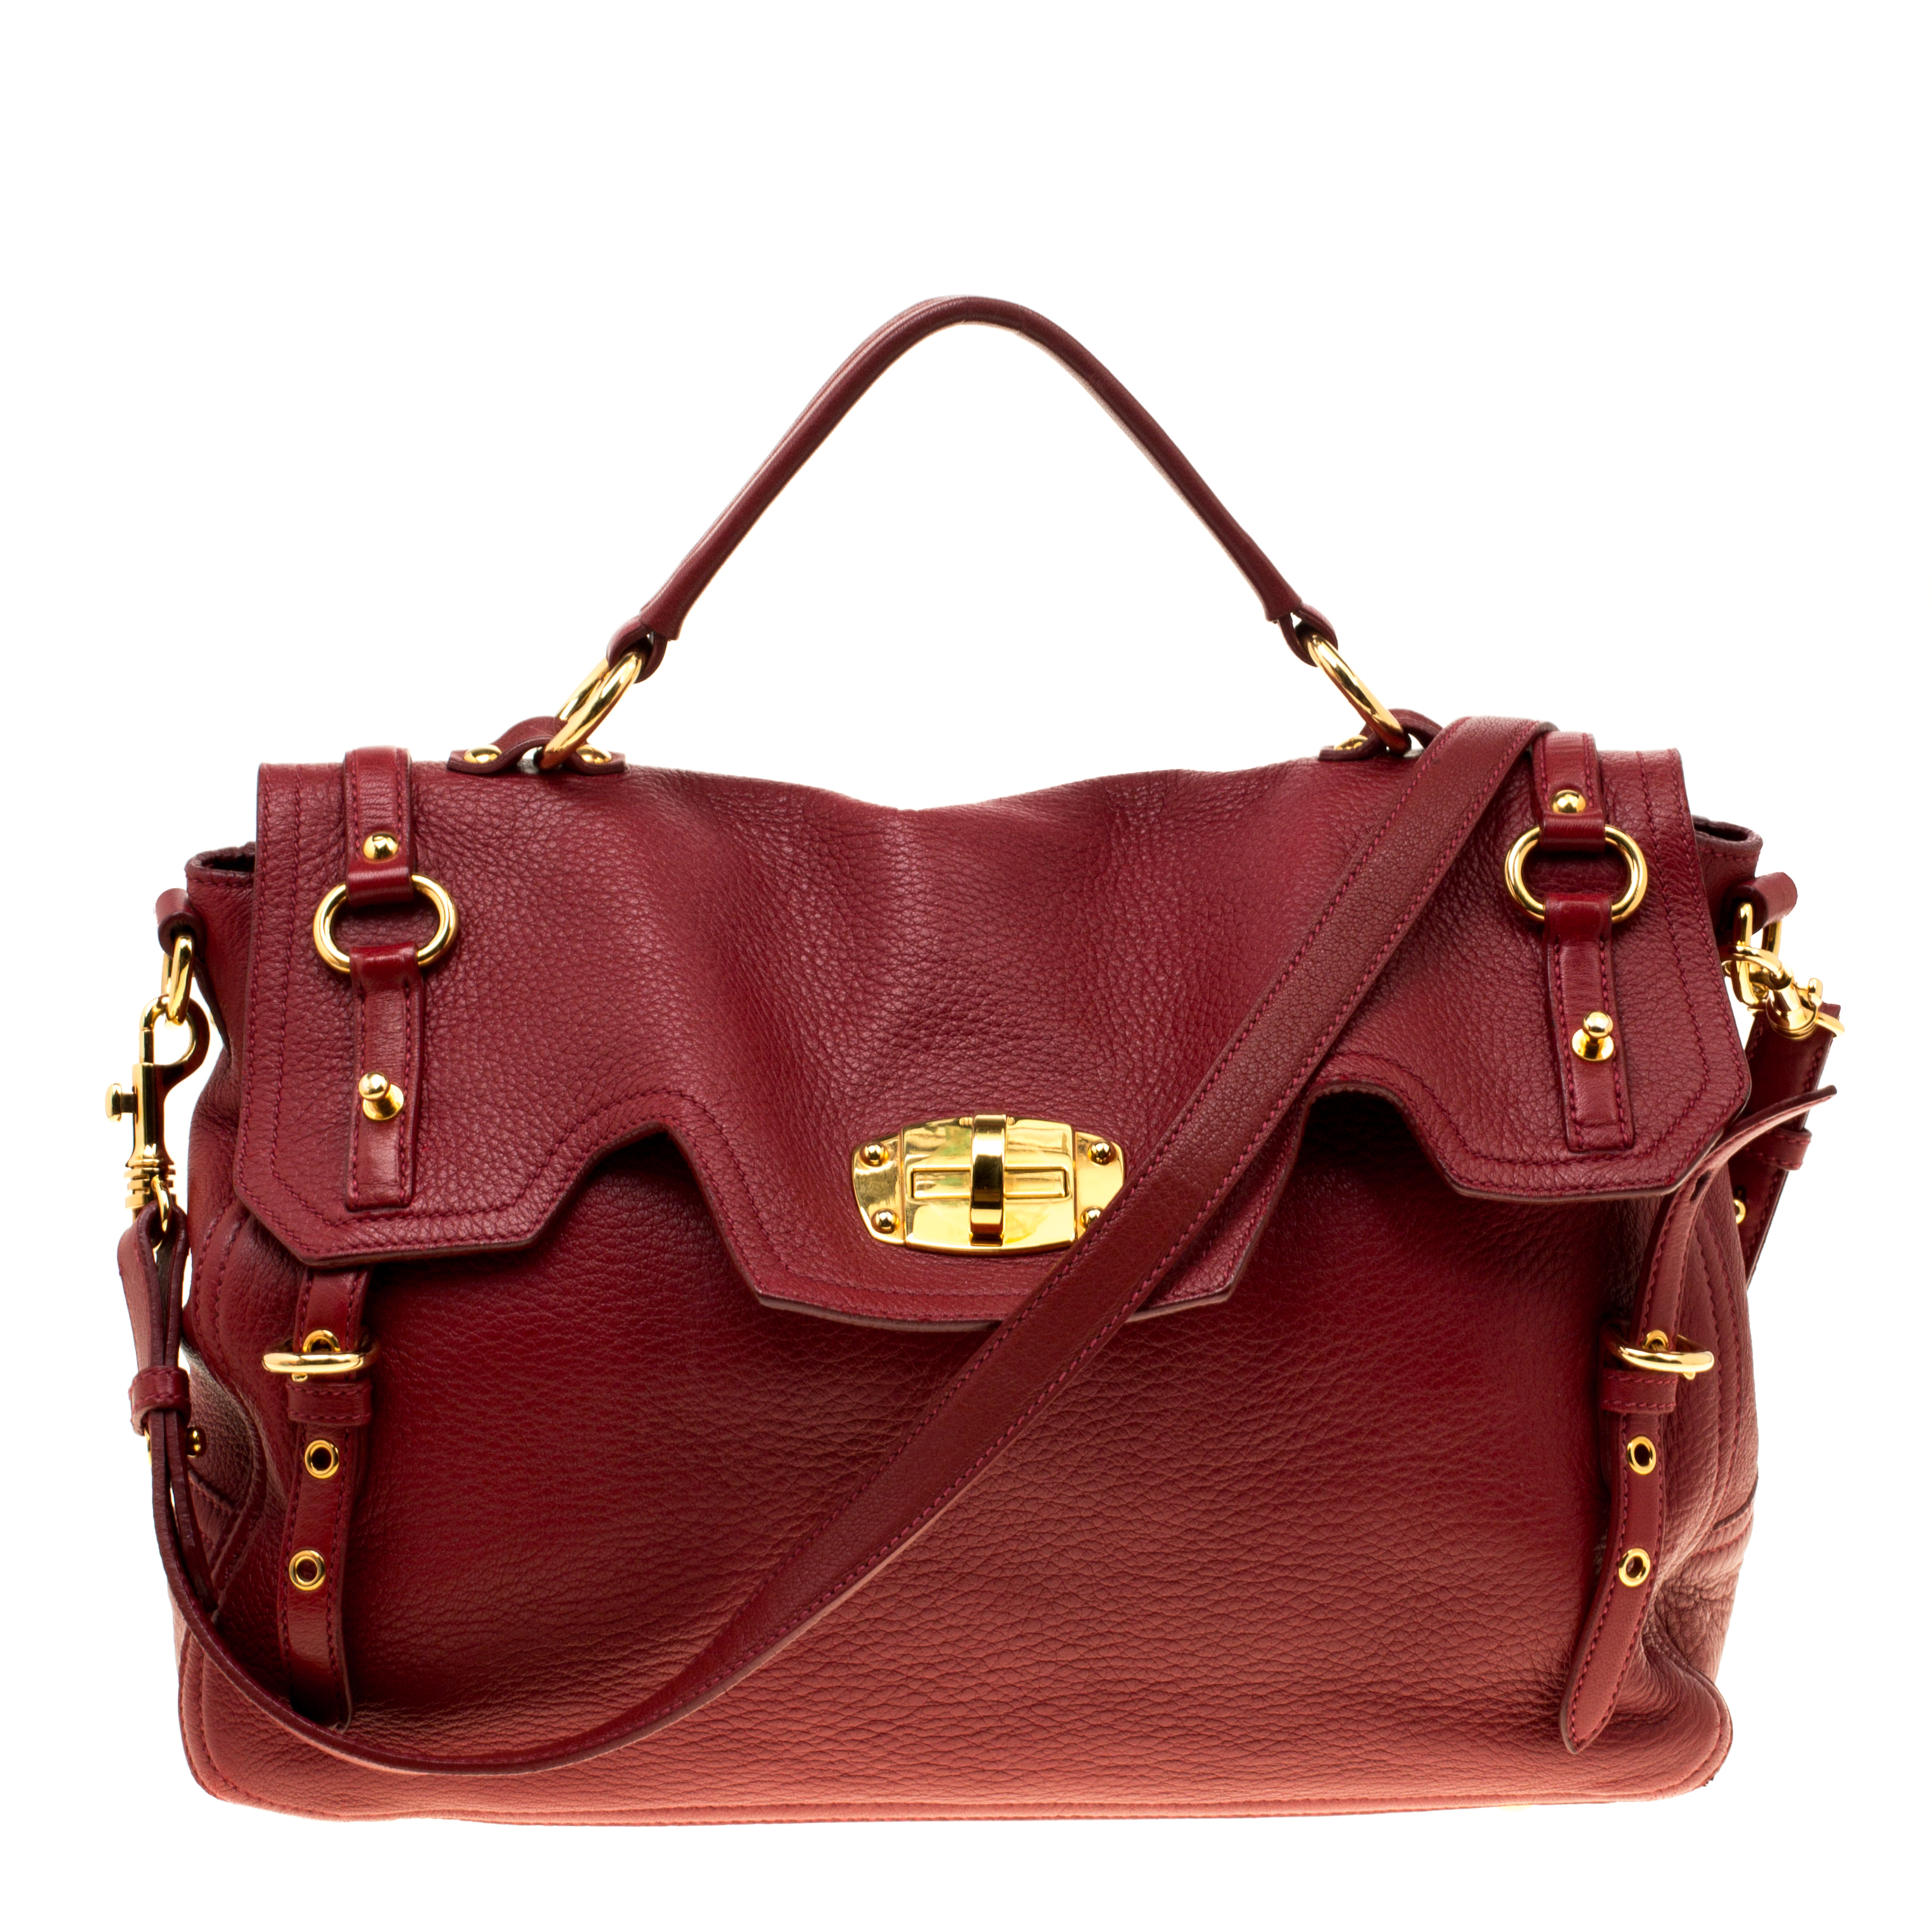 8913be8aaf60 Buy Miu Miu Red Leather East West Top Handle Shoulder Bag 162185 at ...